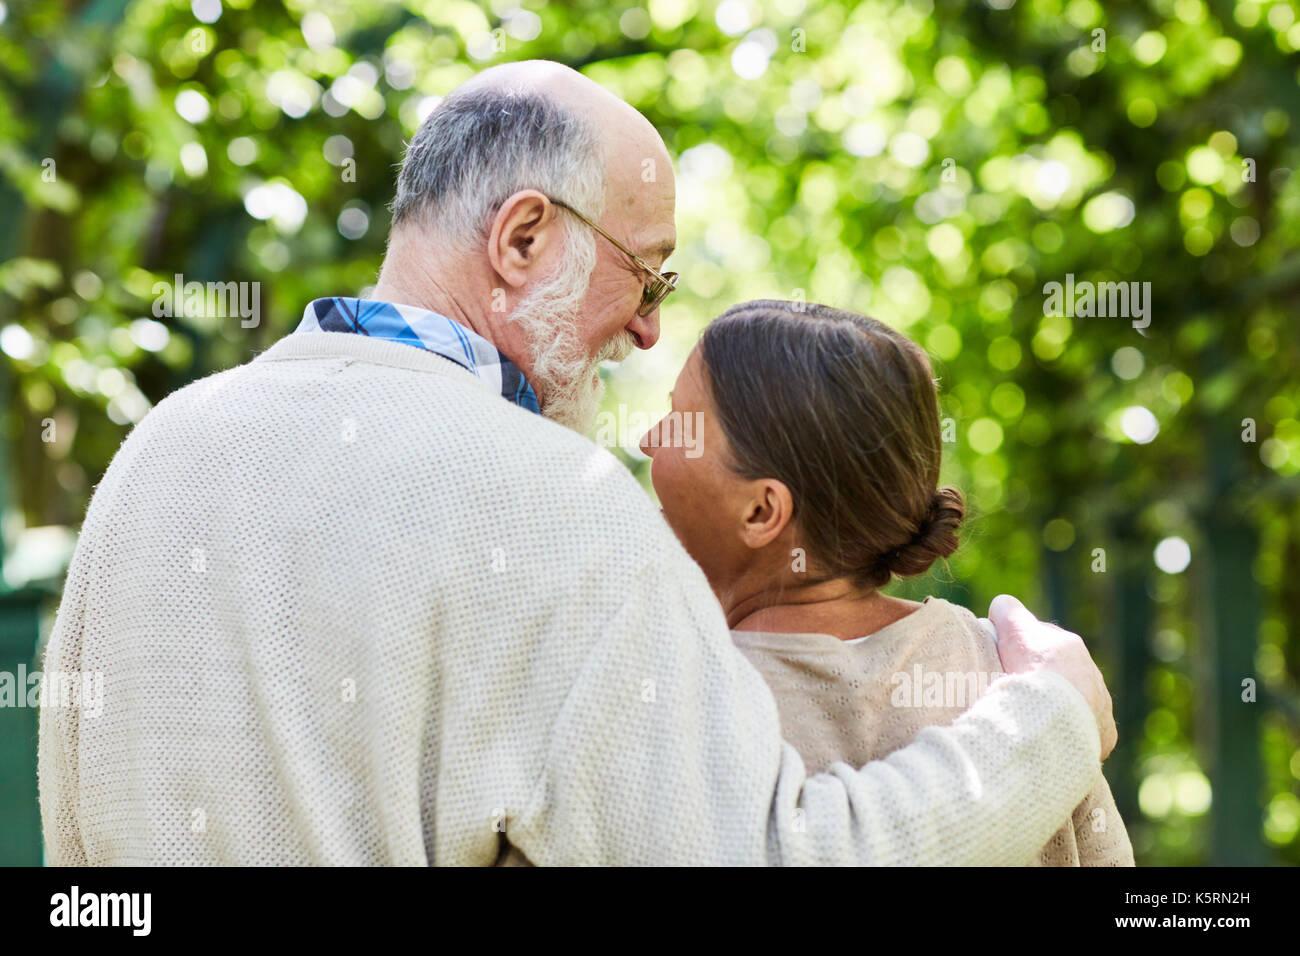 Les personnes âgées amoureuses Photo Stock